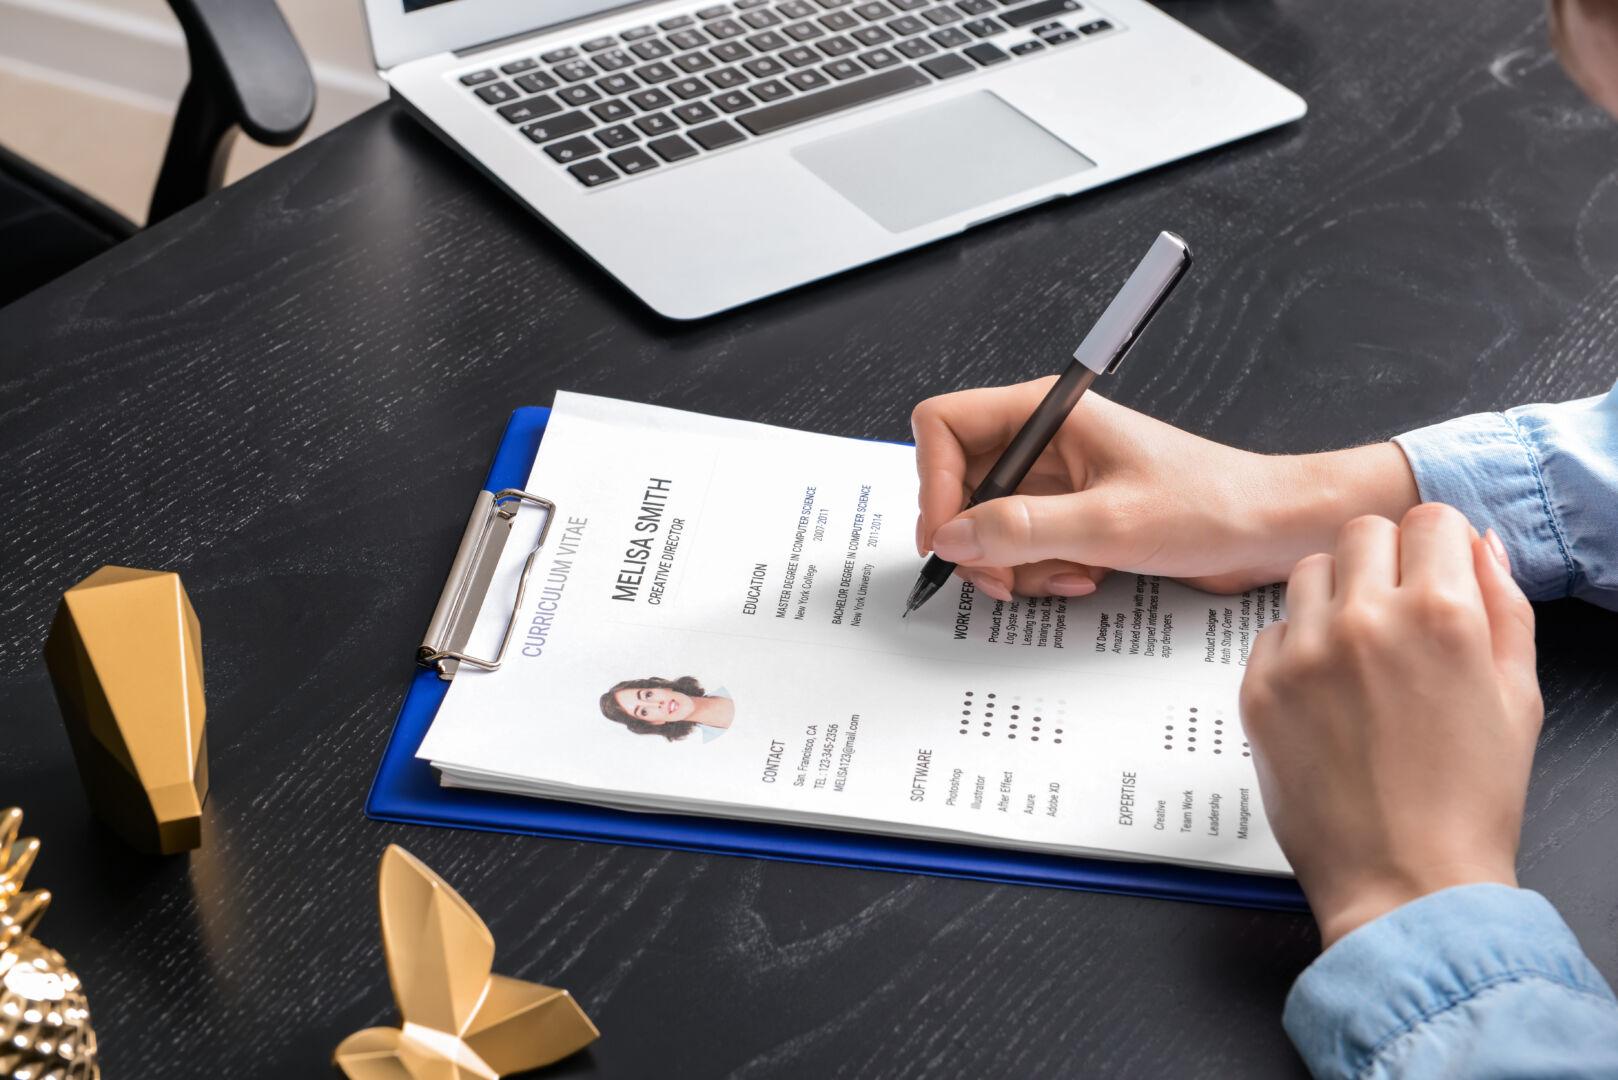 Comment valoriser votre CV ? Les conseils de Hugo Bolzinger, fondateur du Recruteur Immobilier